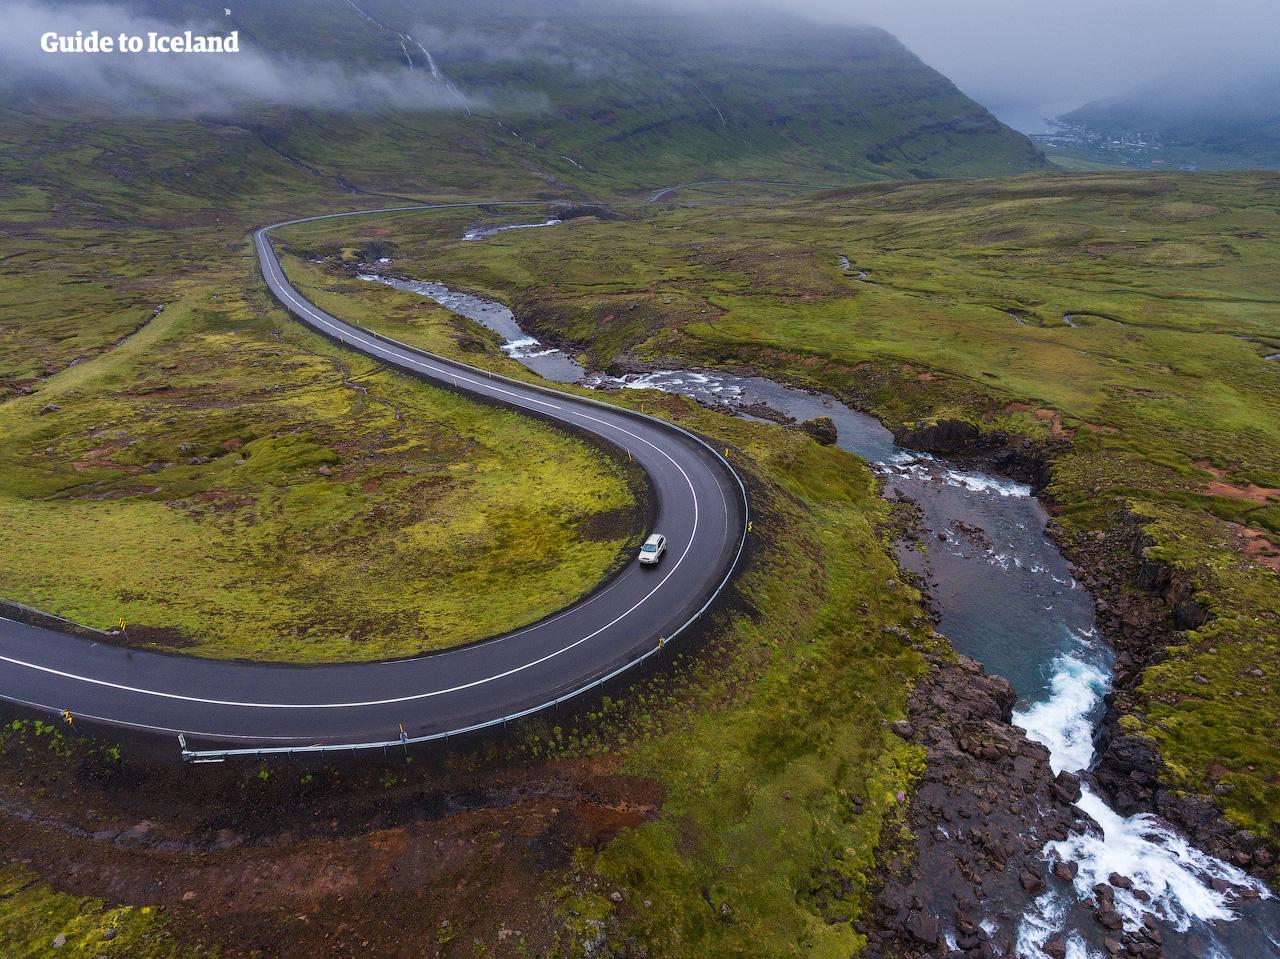 蜿蜒的峡湾,每个转角都是好风光,在冰岛自驾乐趣无穷